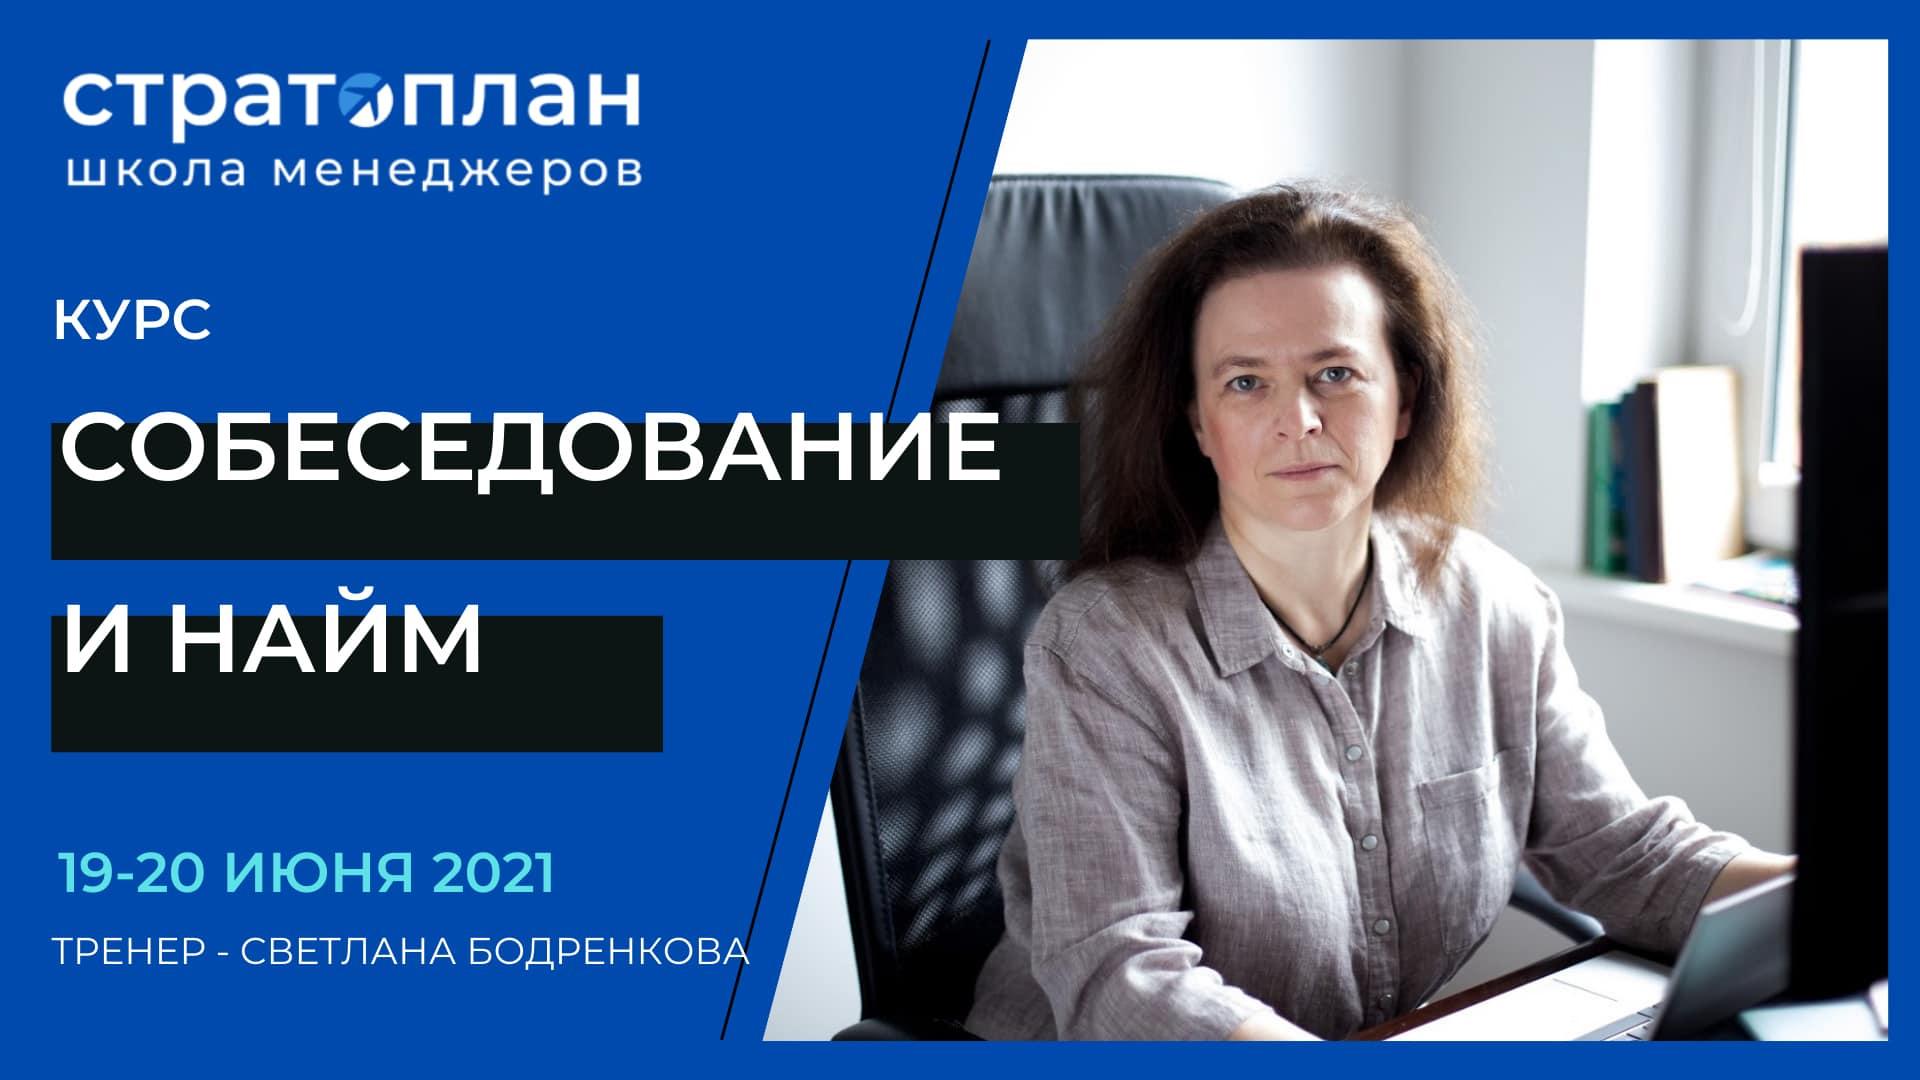 sobesedovaniye-i-naym-banner